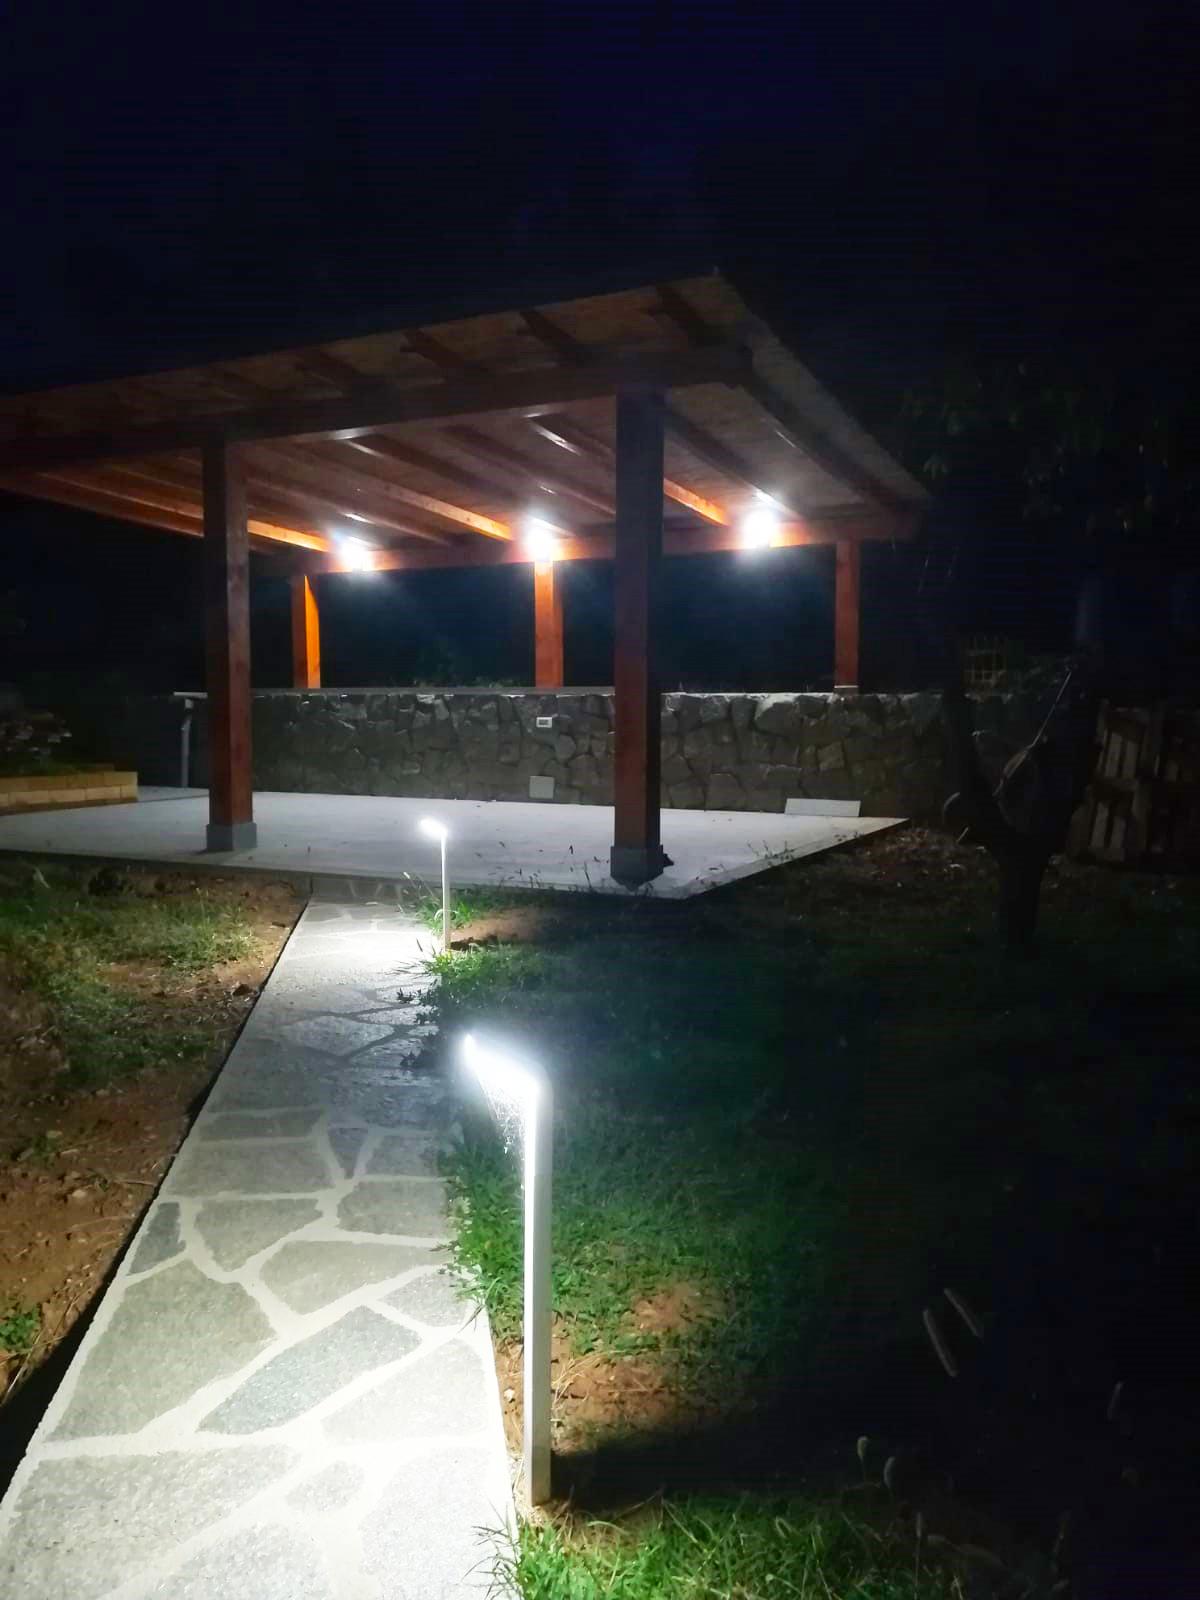 Paletti Illuminazione Esterna Led.Come Illuminare L Esterno Di Una Villa Con L Illuminazione